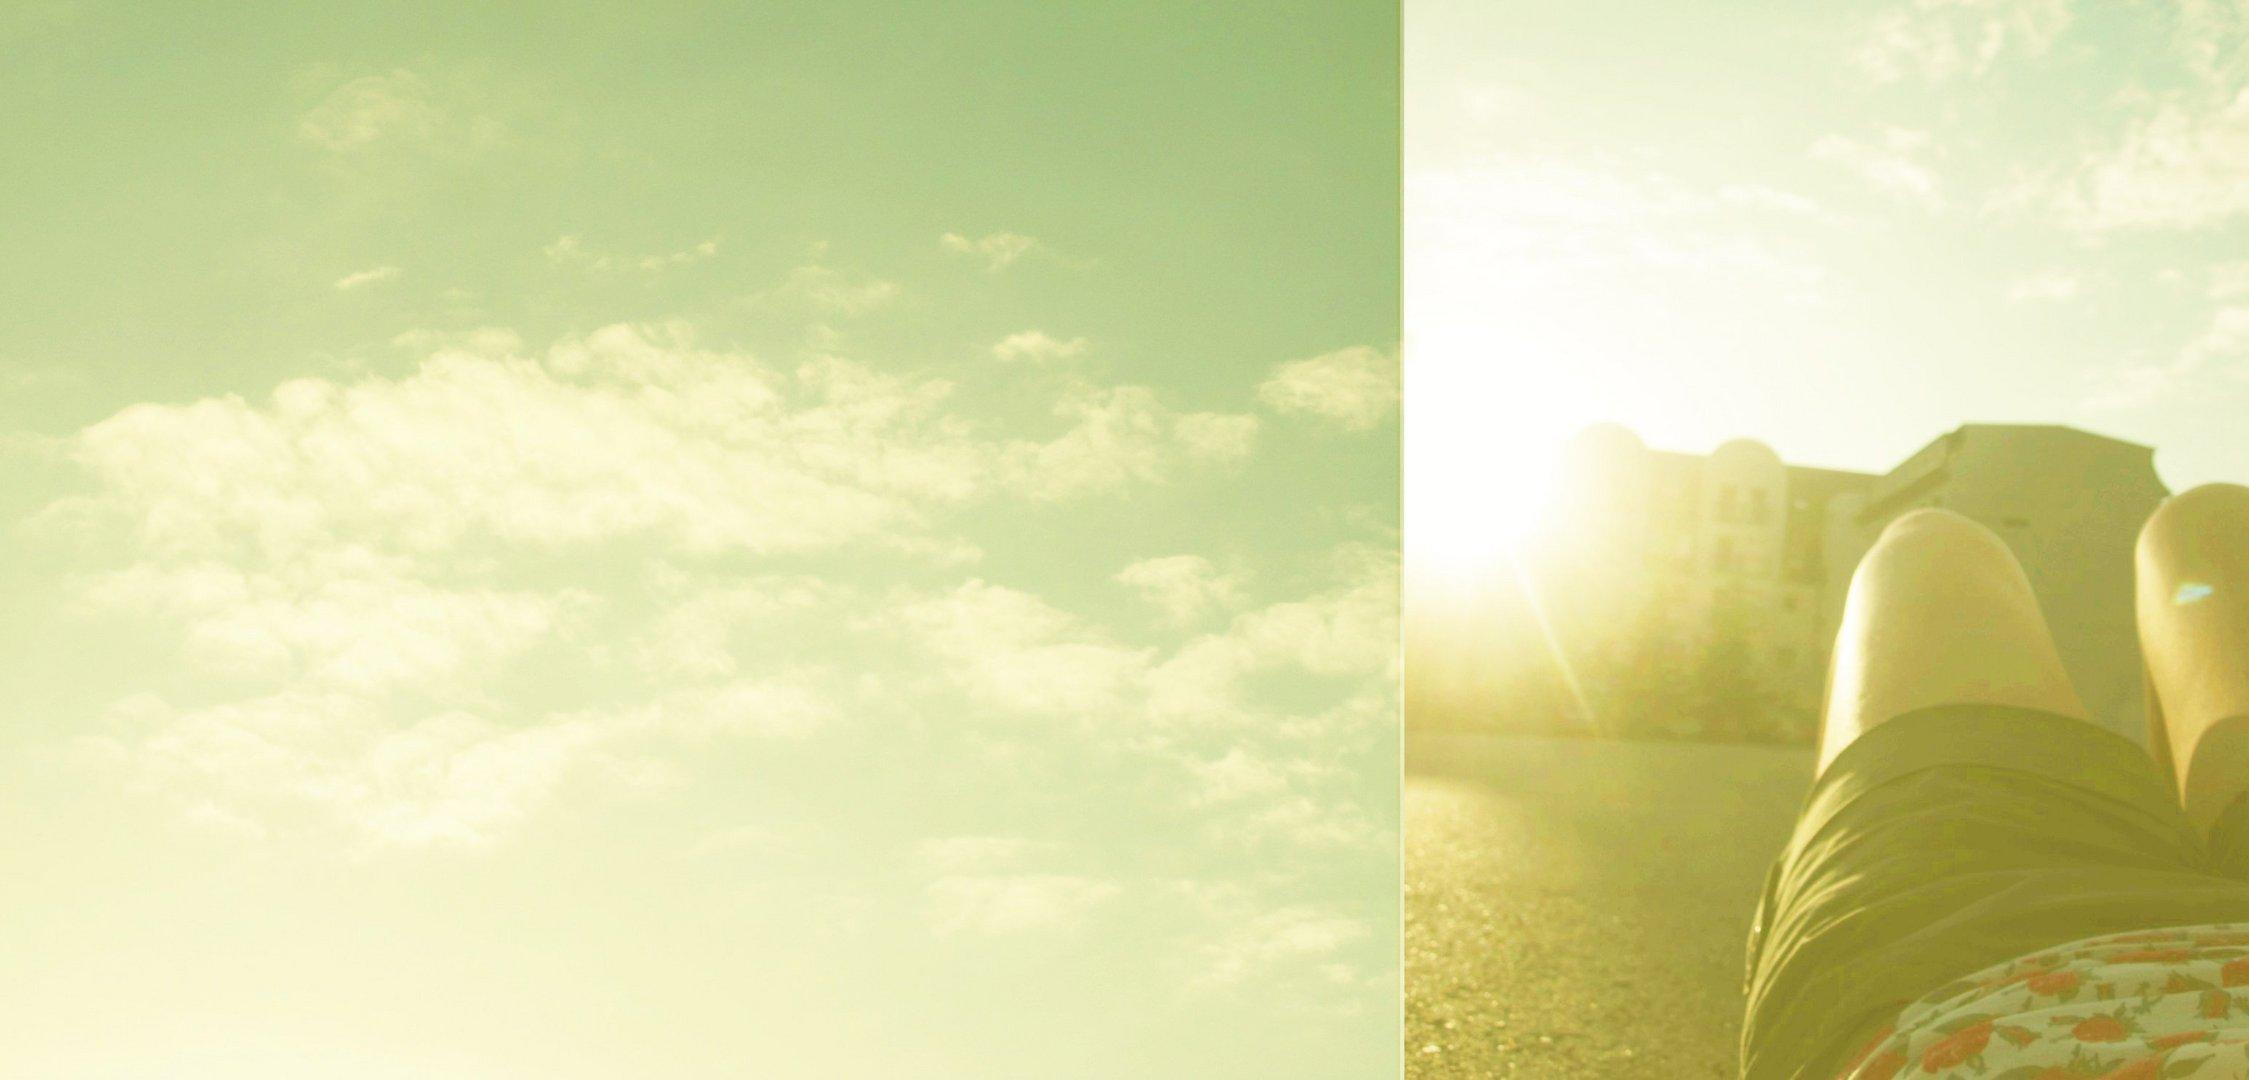 Sonnenbrillensichtbericht